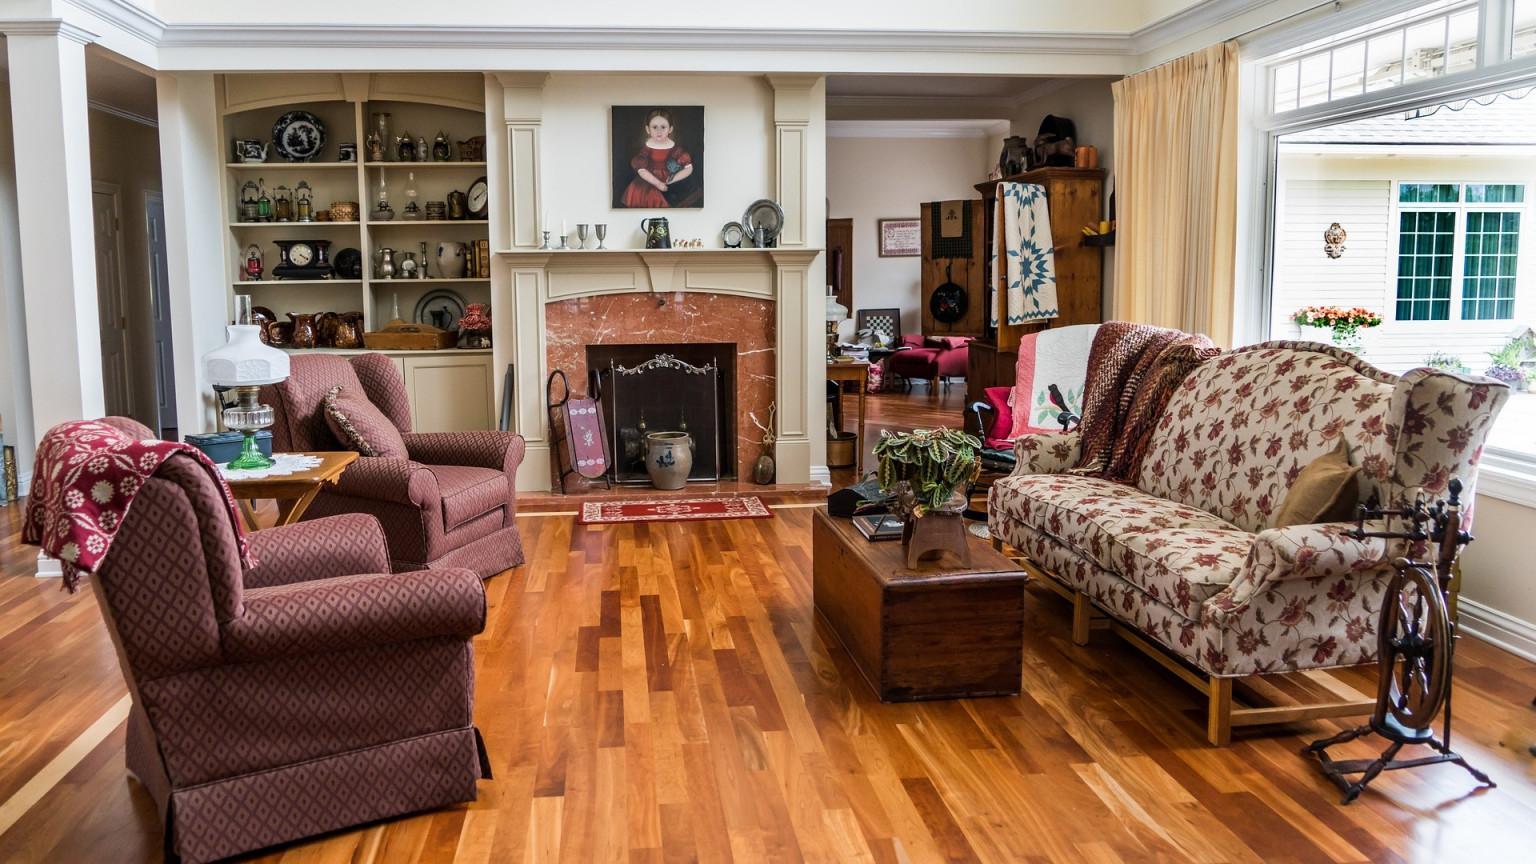 Wohnzimmer Einrichten  Die Besten Tipps Und Ideen  Focus von Wohnzimmer Stylisch Einrichten Bild